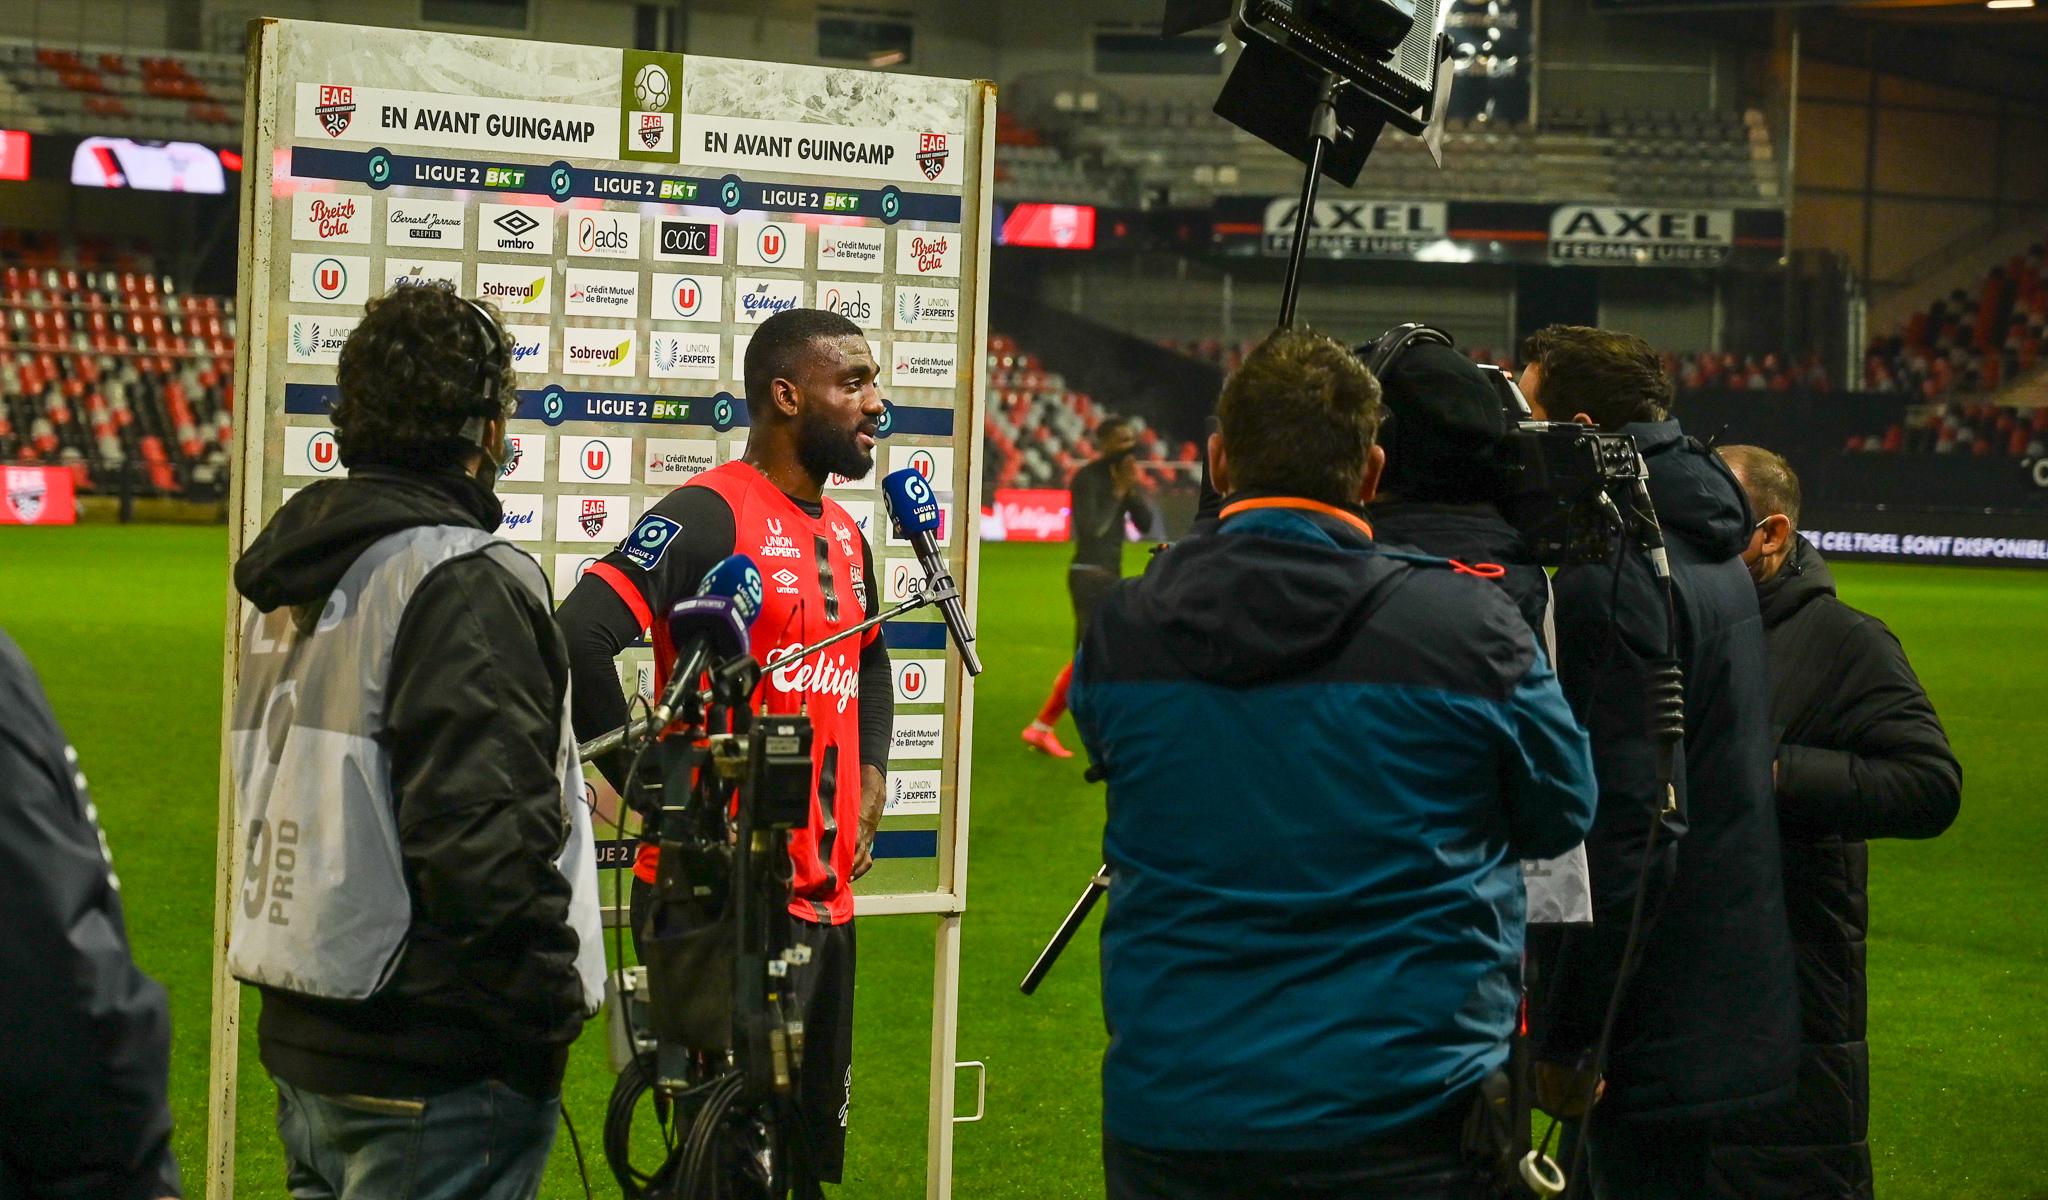 21 EA Guingamp SM Caen 2-2 Ligue 2 BKT Journée 26 2020-21 22 02 2021 EAGSMC